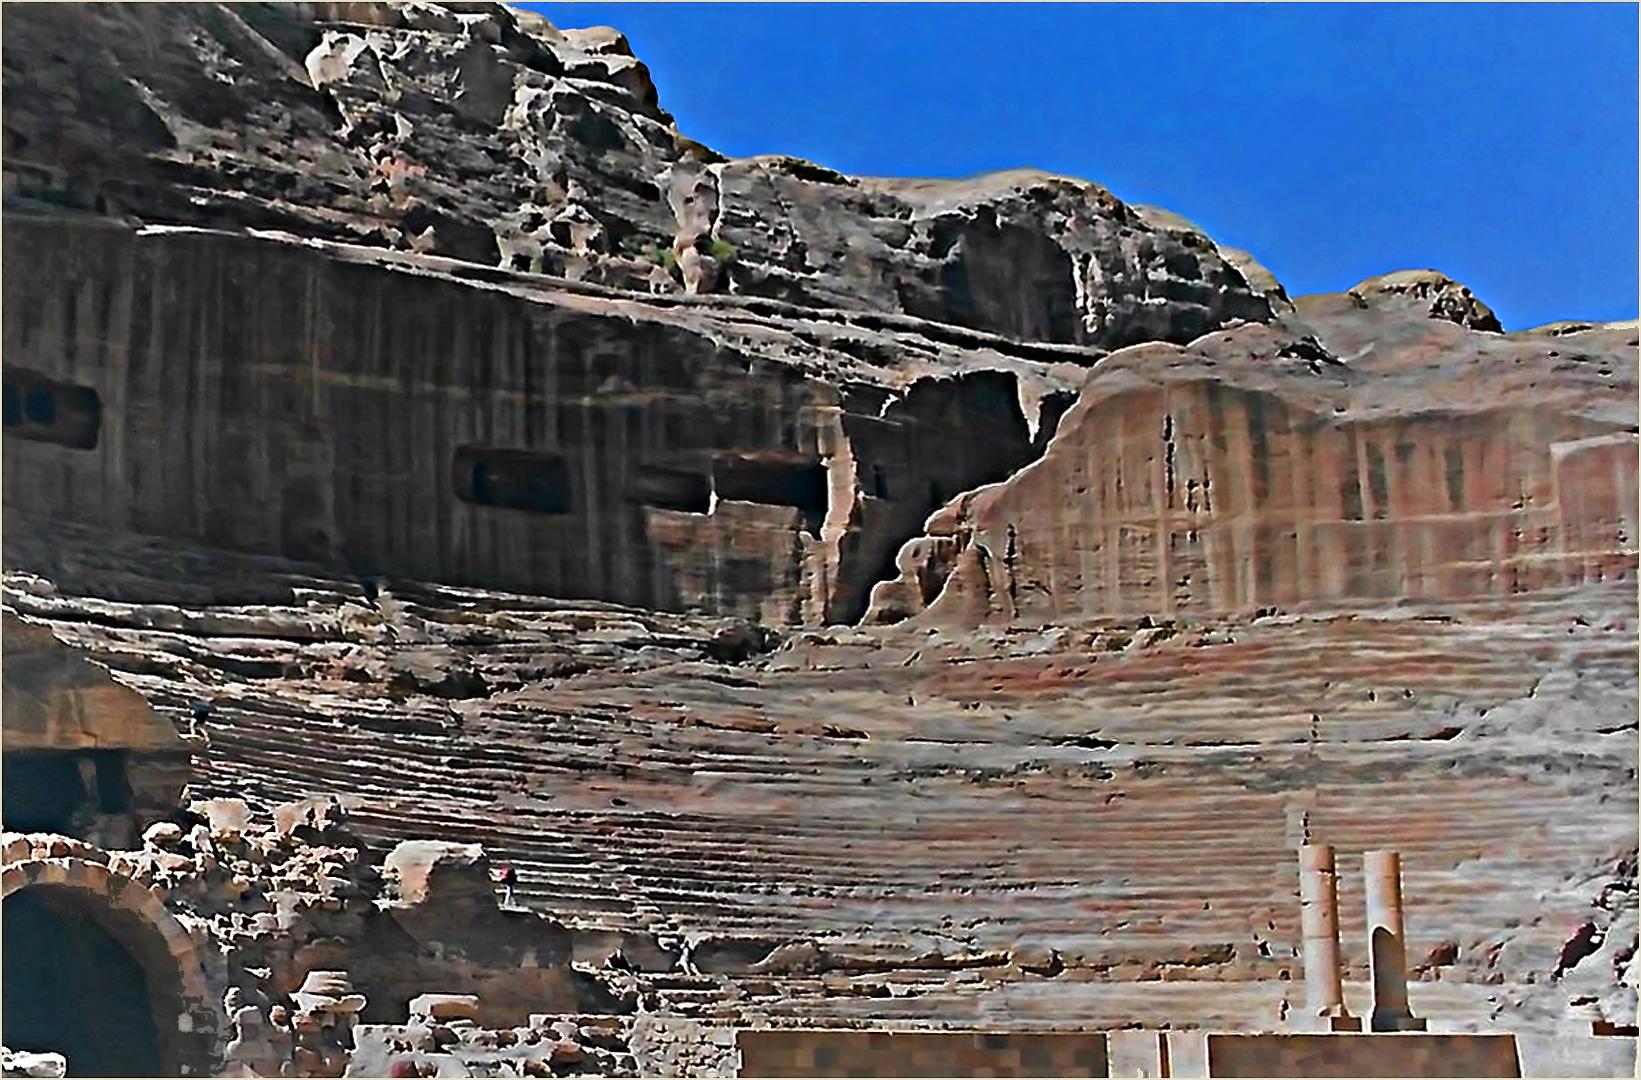 Une autre vue du théâtre romain de Petra